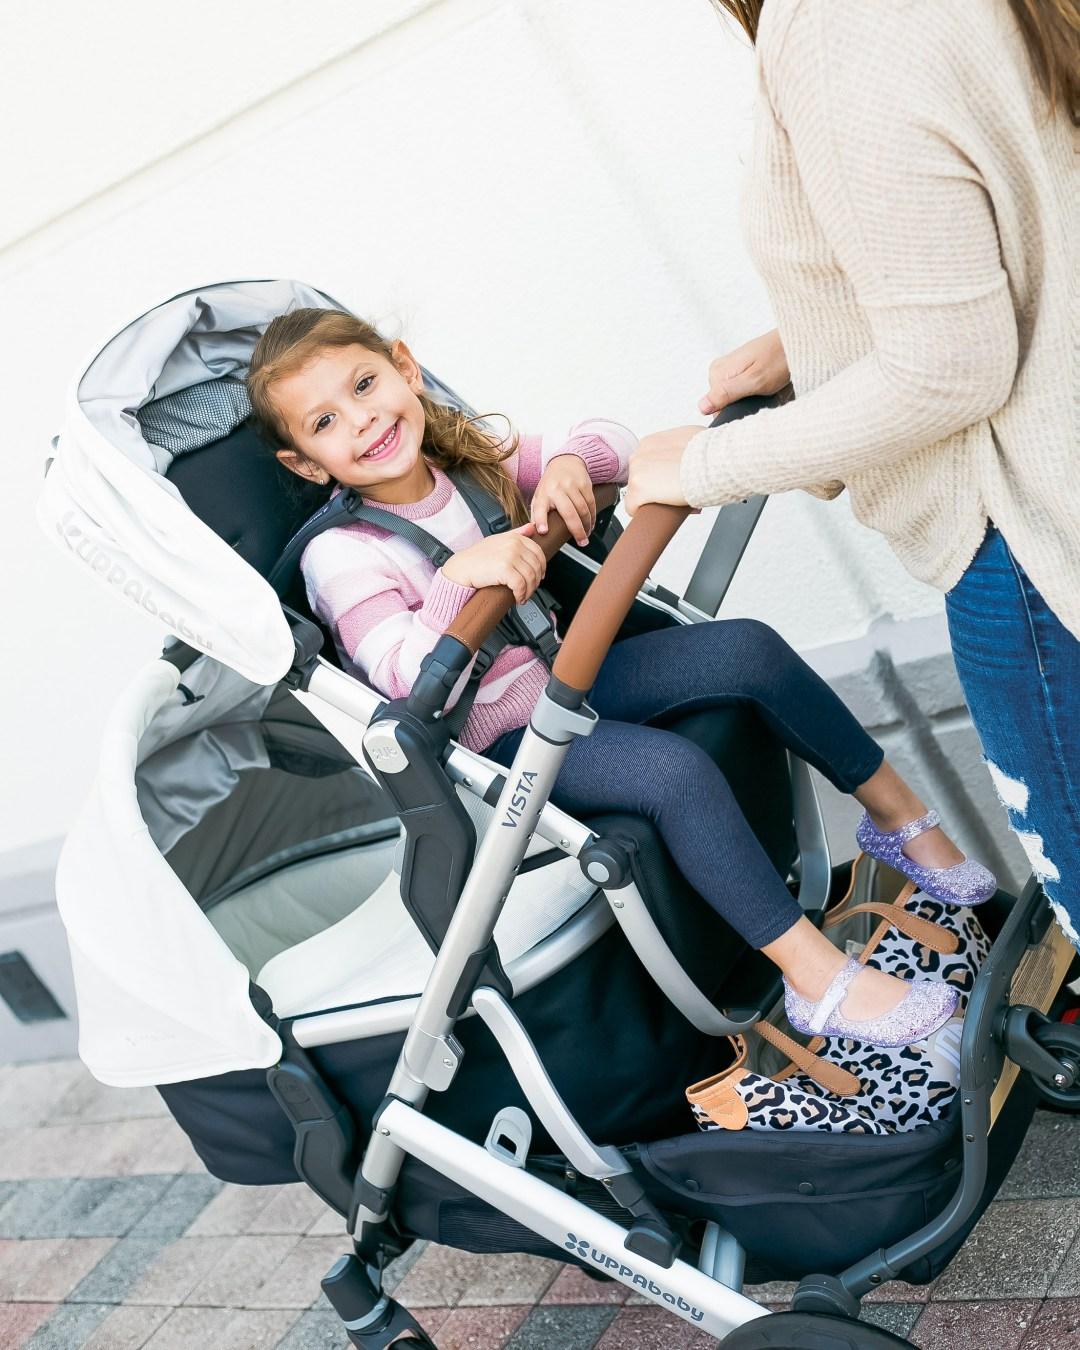 best double stroller, chicest stroller, UPPAbaby Vista